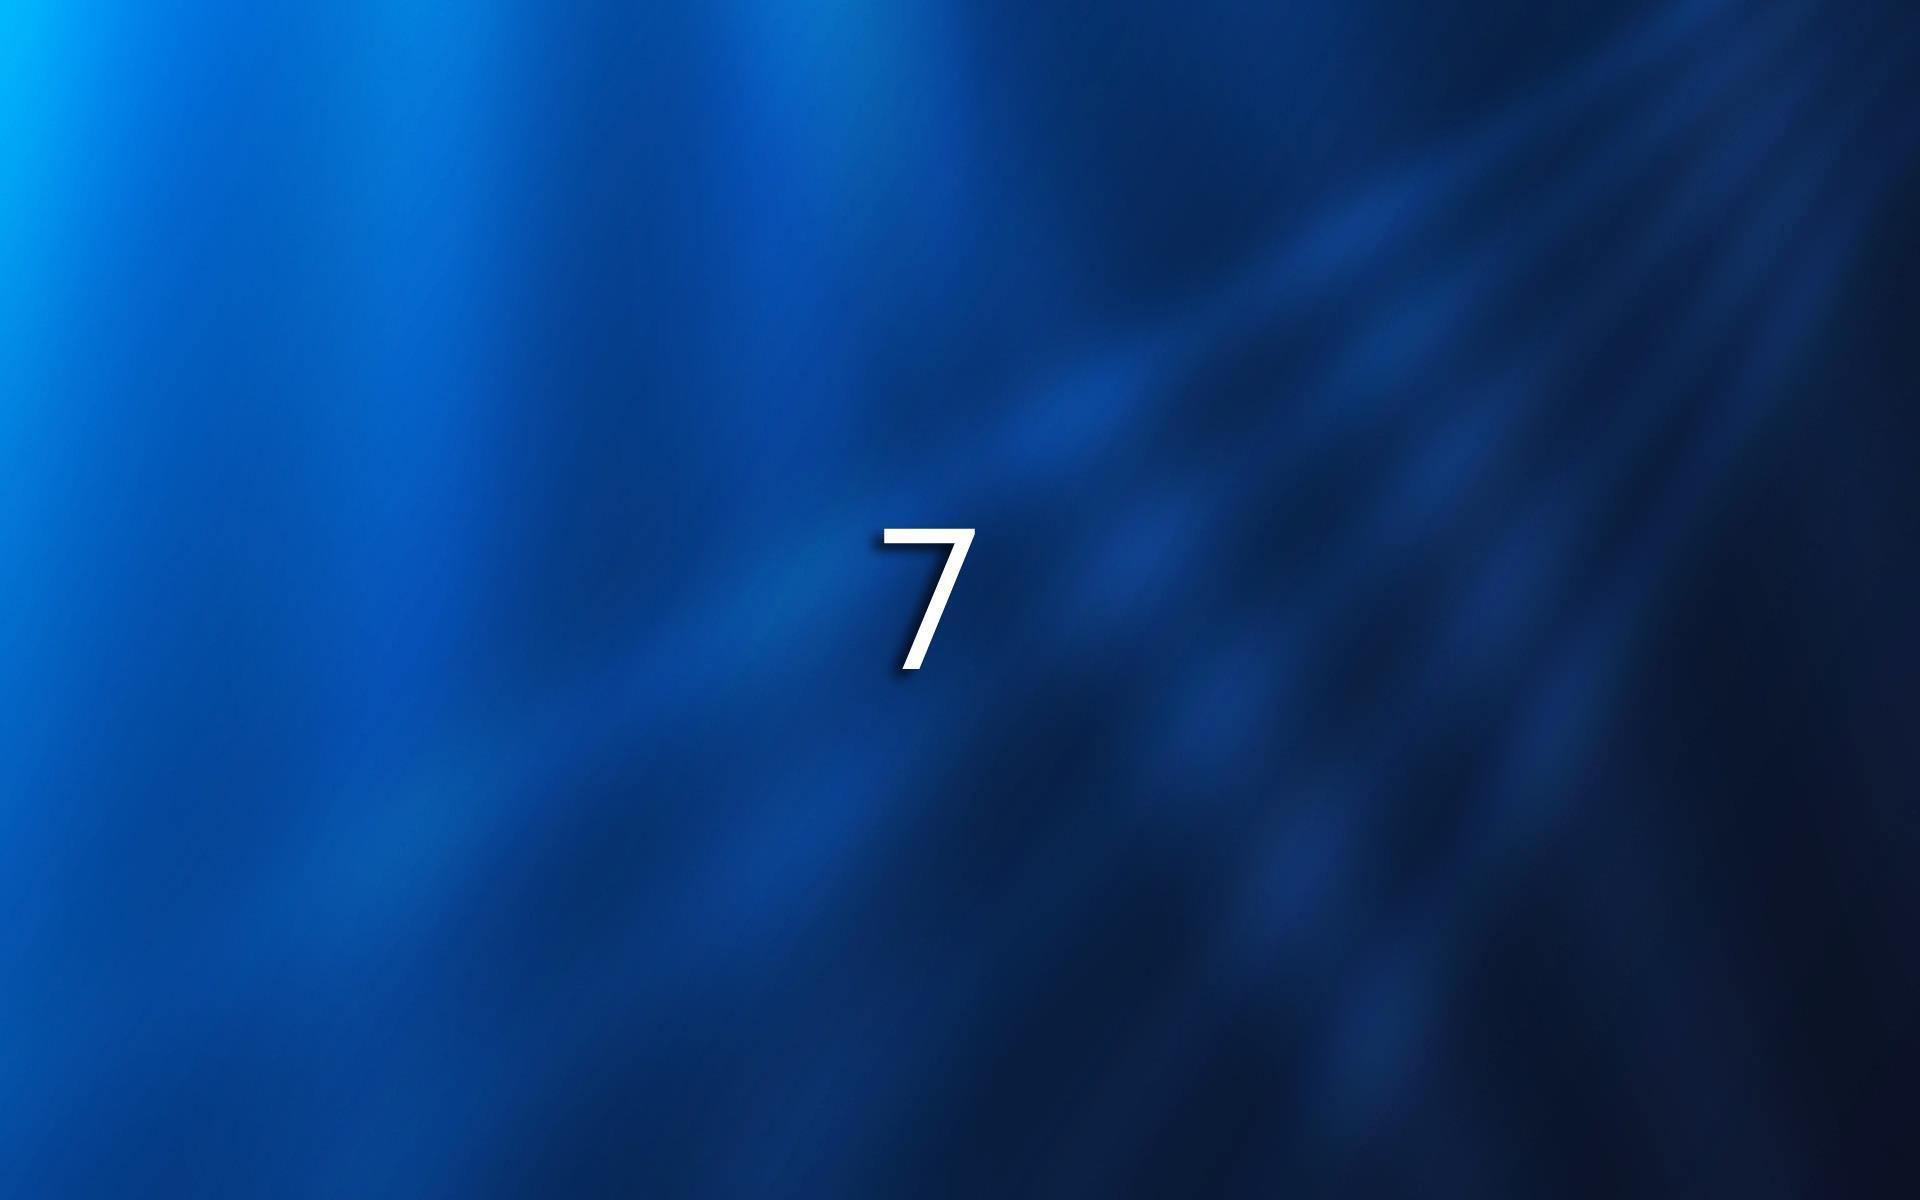 windows-7-fonds-HD-bureau-seven_04